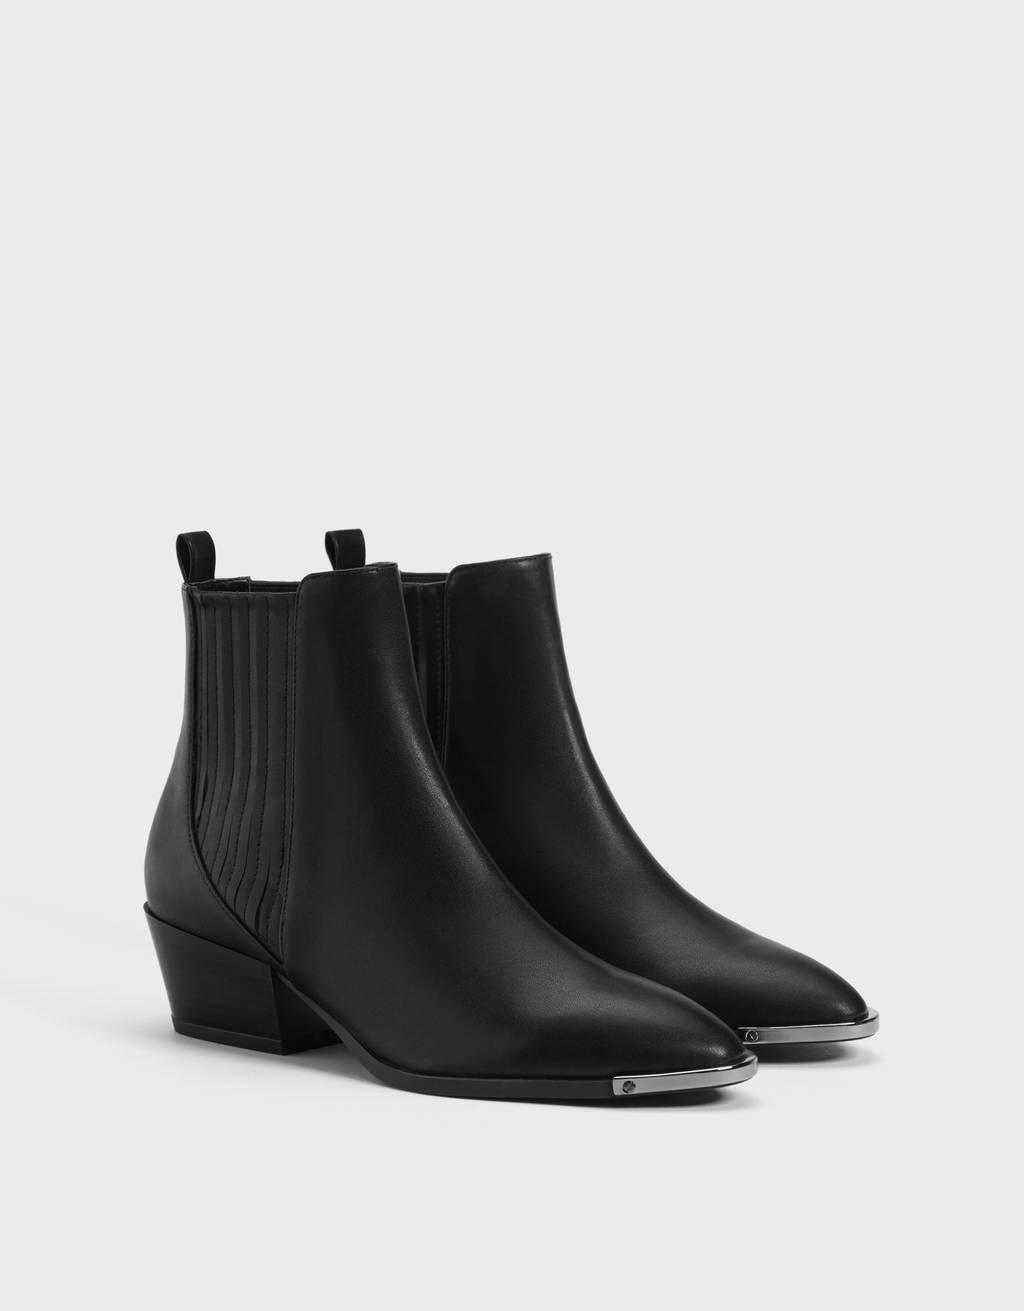 nuevo producto 1af12 60daa Botines - Zapatos - COLECCIÓN - MUJER - Bershka España